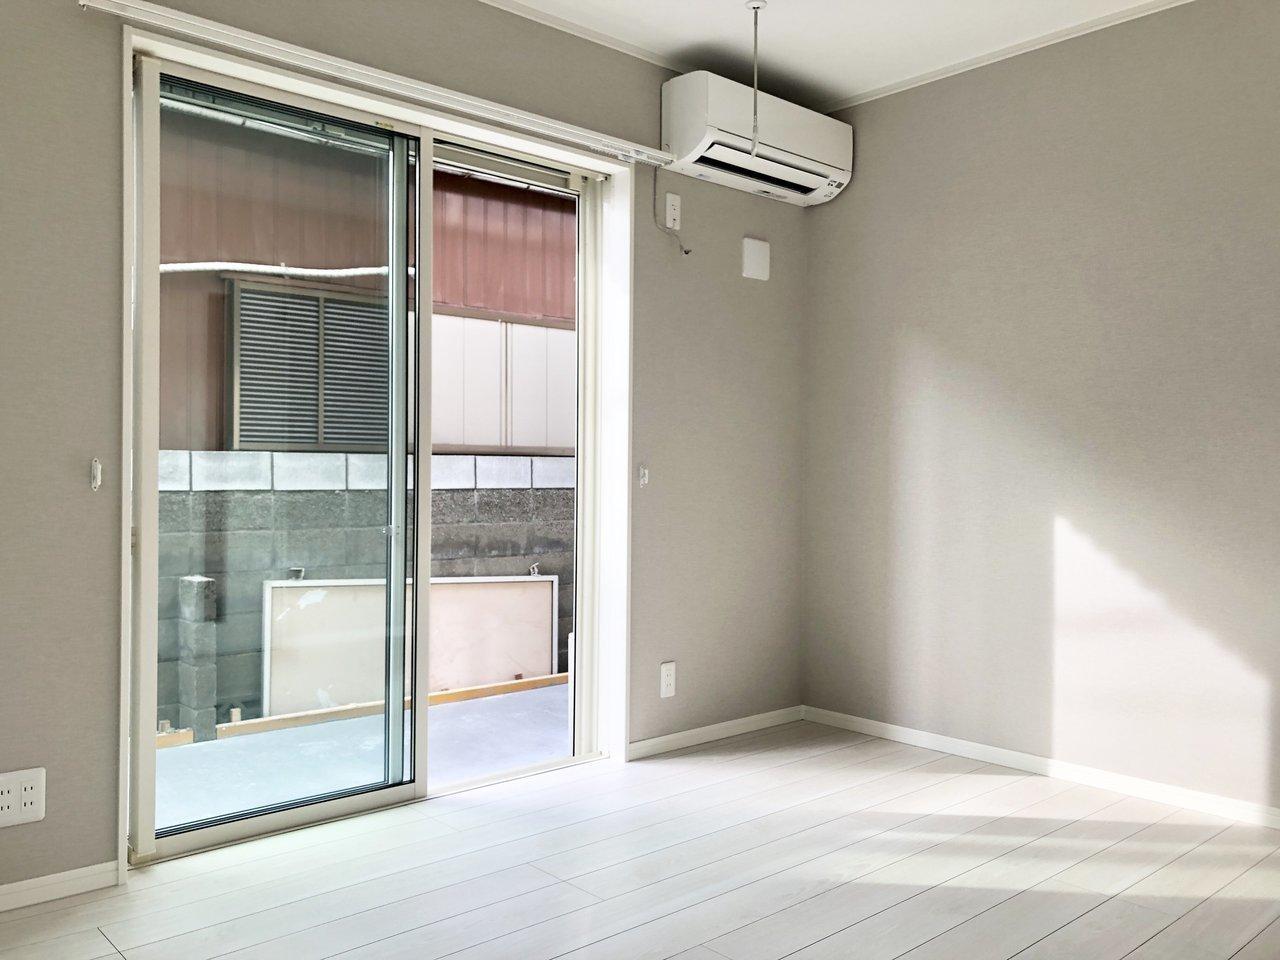 吉祥寺駅から徒歩7分、グレーと白のクールな印象のお部屋です。1階ですが南向きなので日当たりがとてもよく、あたたかな光がリビングに差し込みます。